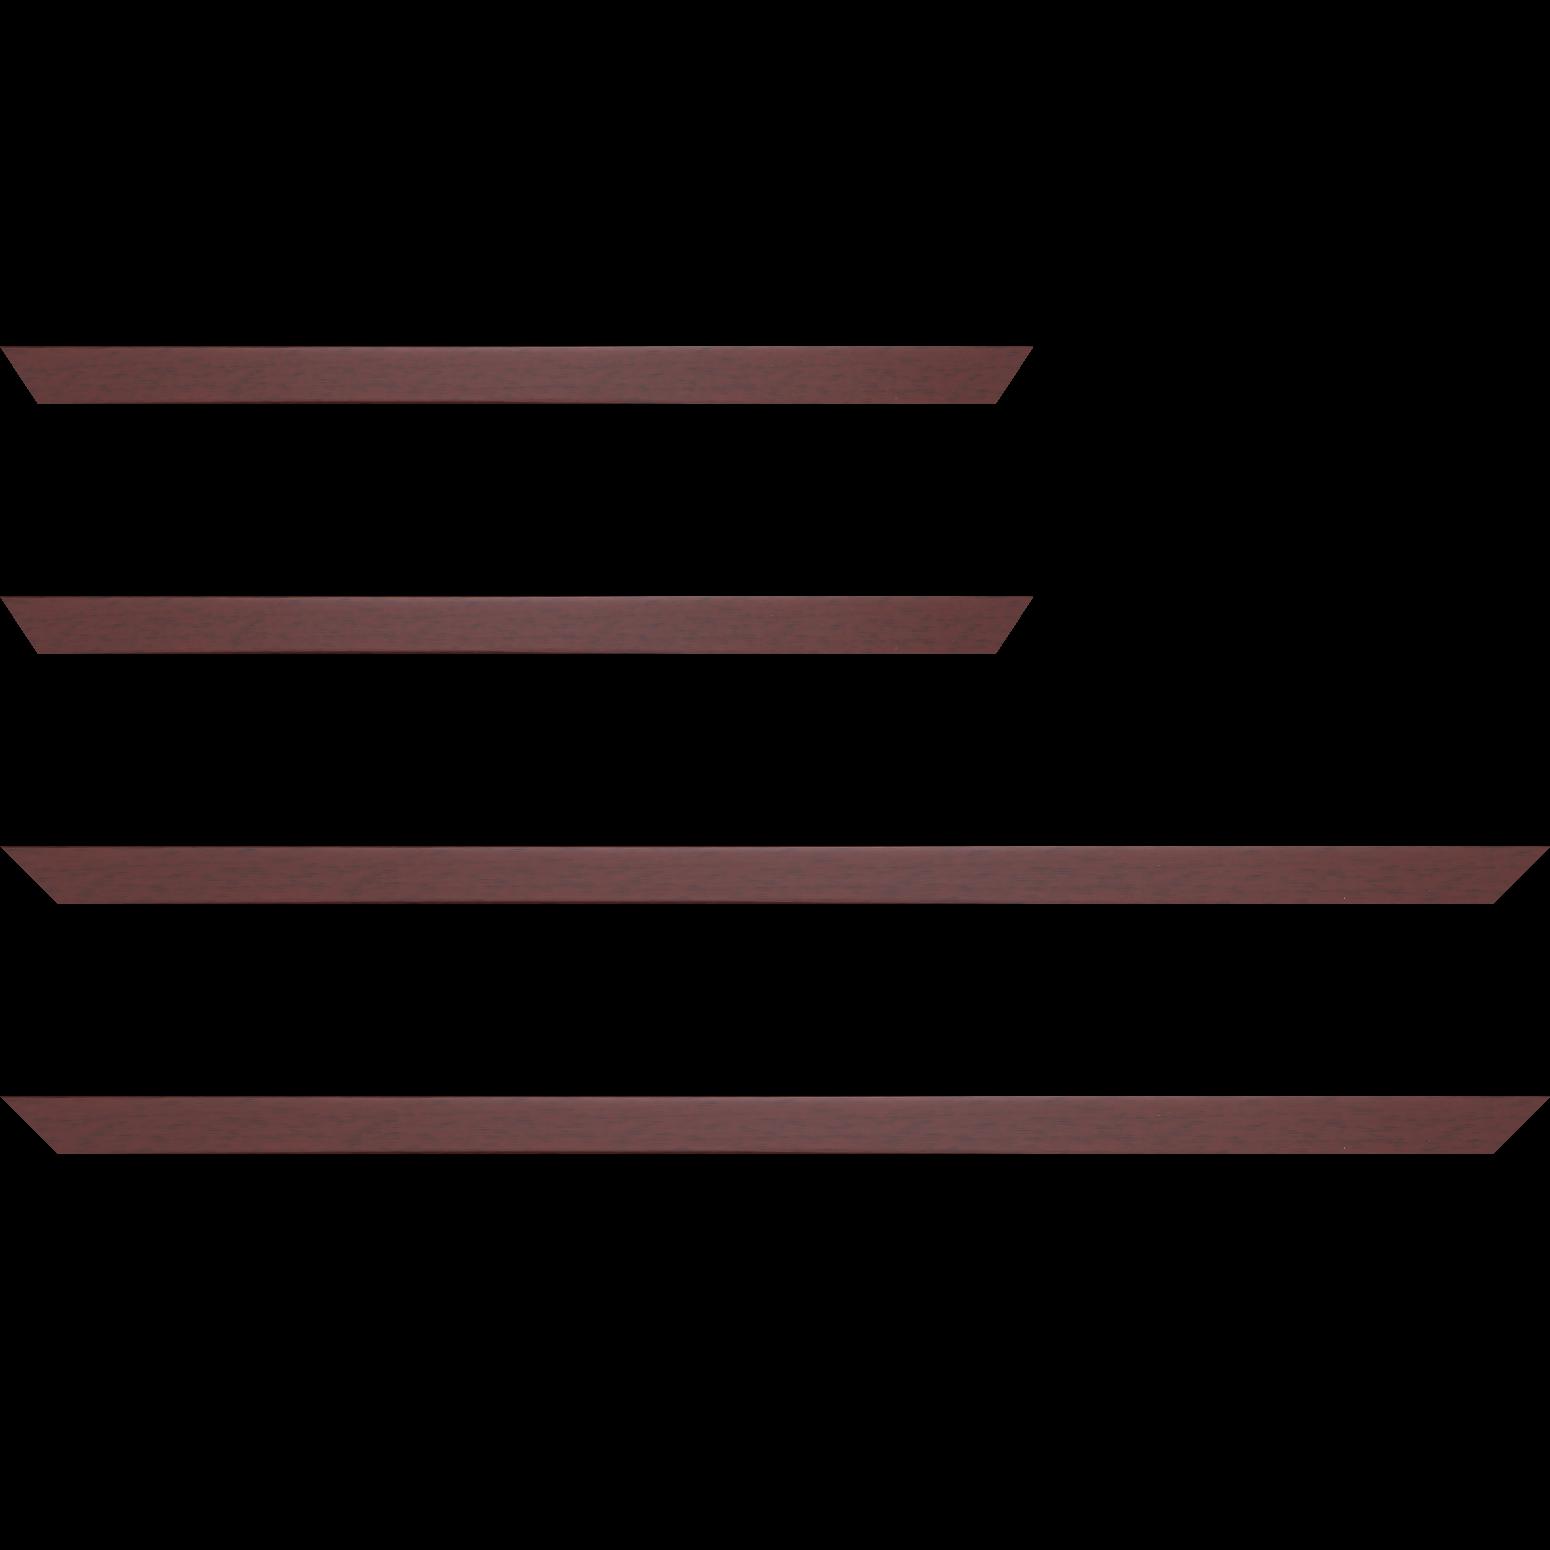 Baguette service précoupé Bois profil plat effet cube largeur 2cm couleur ton bois bordeaux